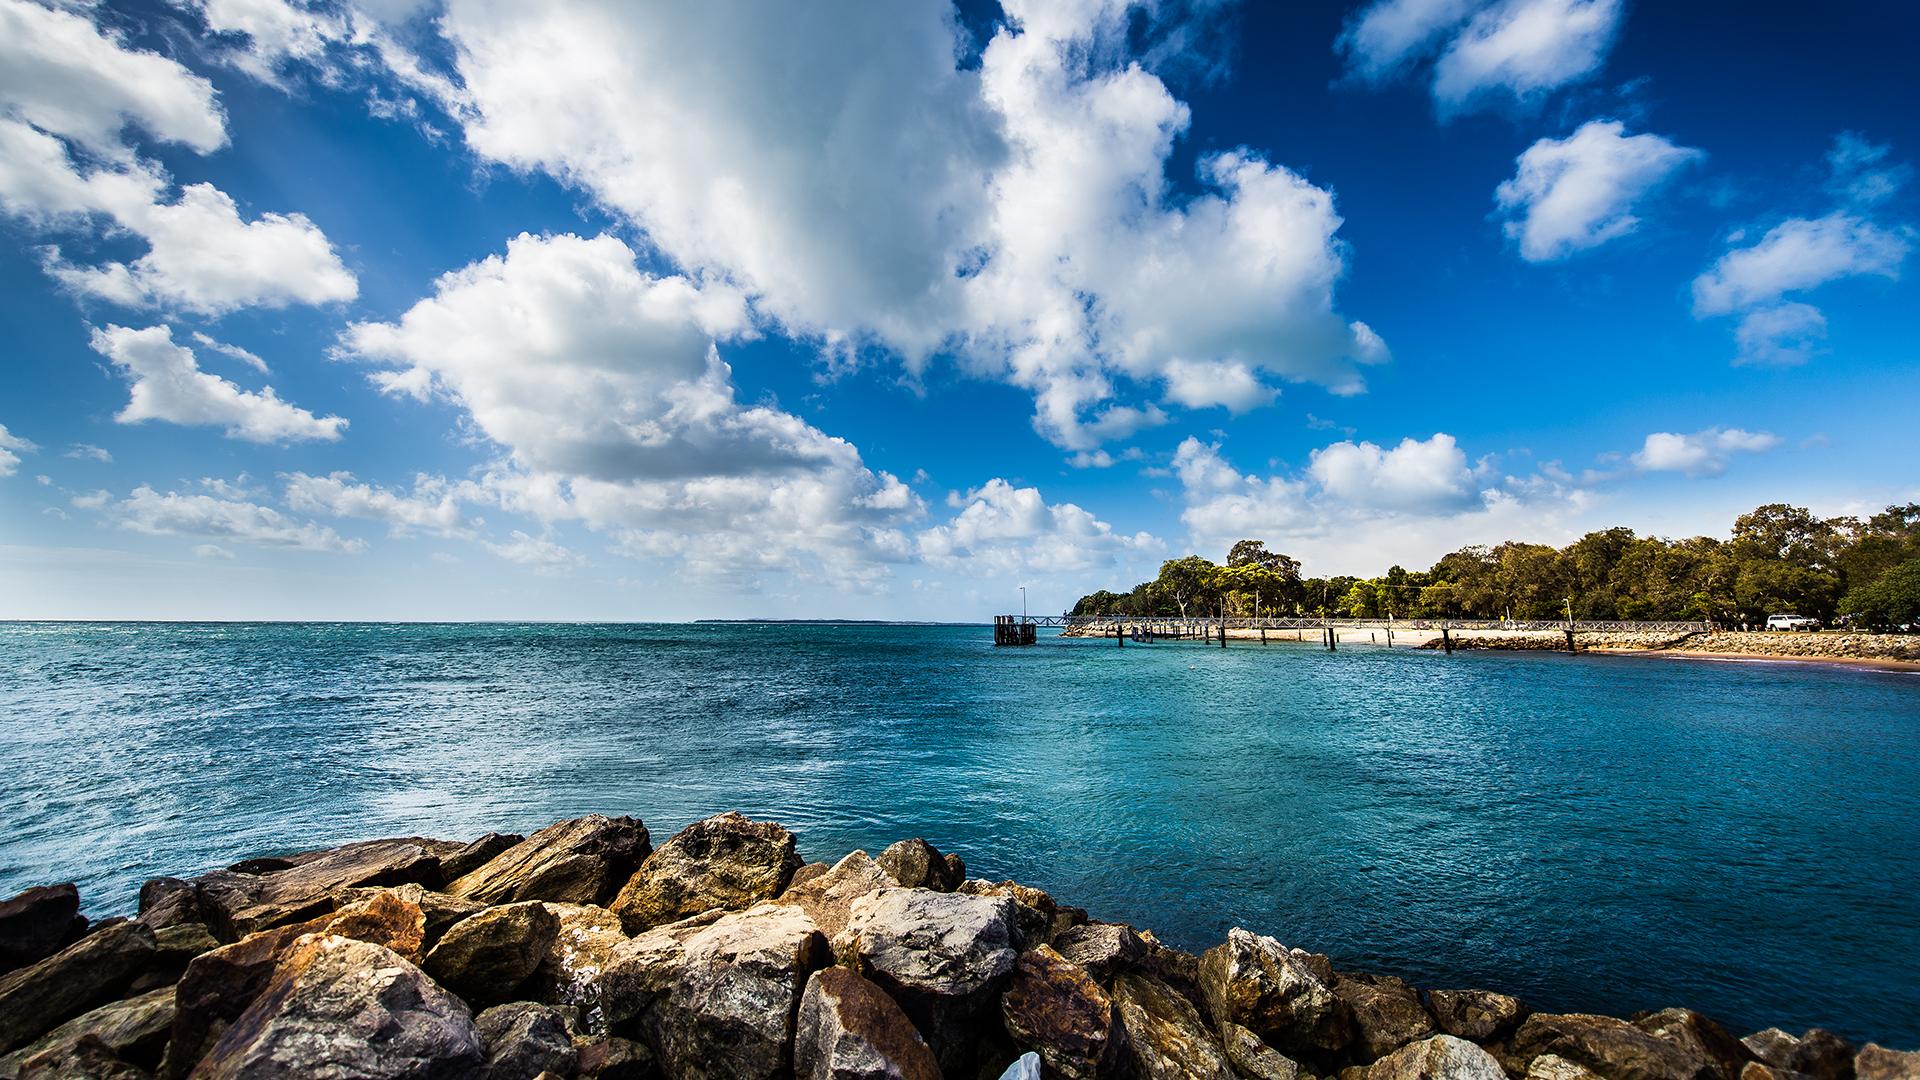 Top HD Ocean View Wallpaper | Nature HD | 2101.55 KB